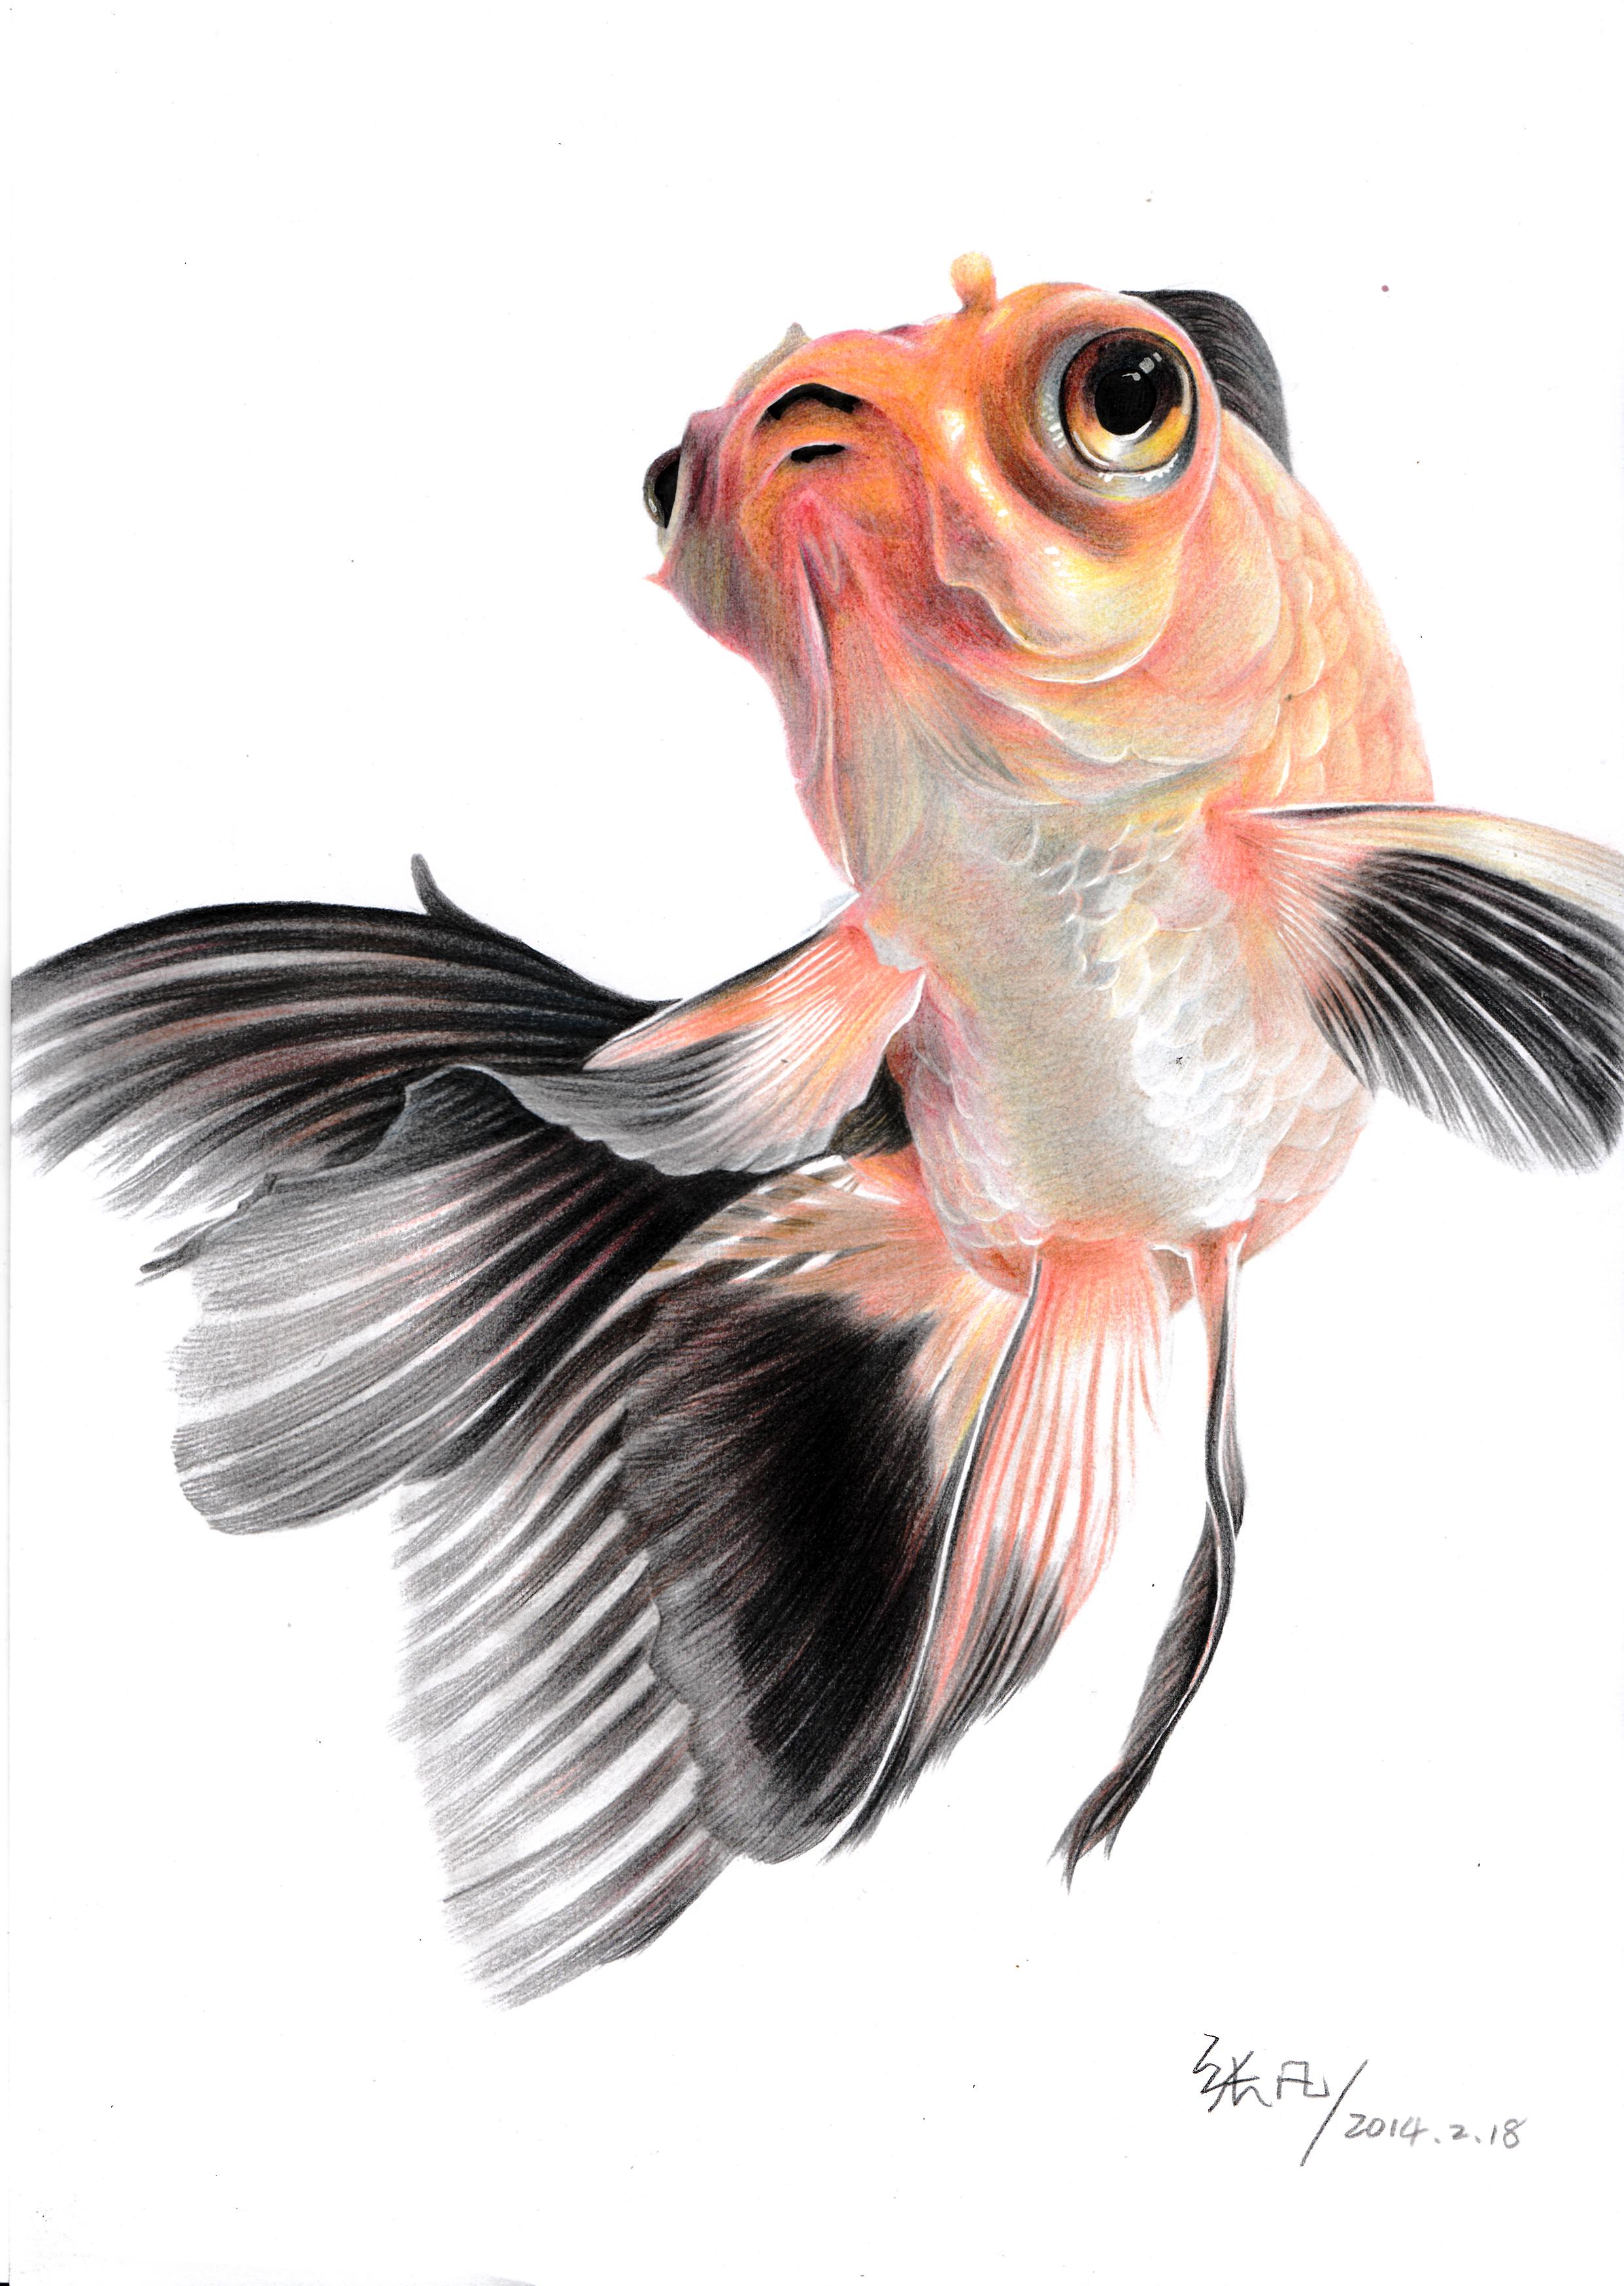 手绘金鱼|纯艺术|彩铅|henry凡 - 原创作品 - 站酷